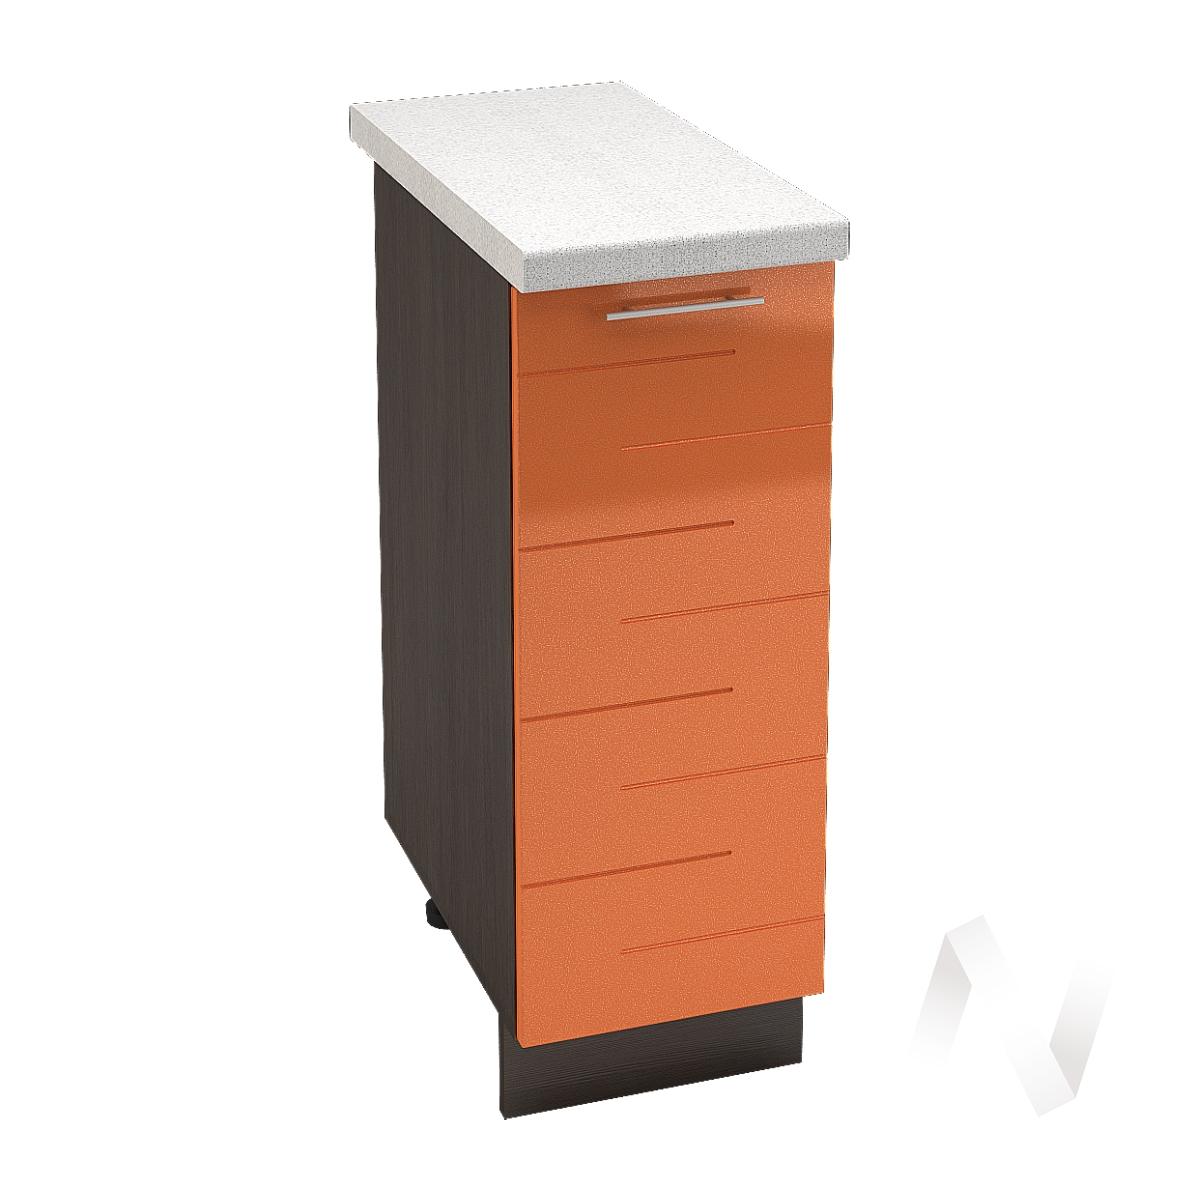 """Кухня """"Техно"""": Шкаф нижний 300, ШН 300 (корпус венге) в Новосибирске в интернет-магазине мебели kuhnya54.ru"""